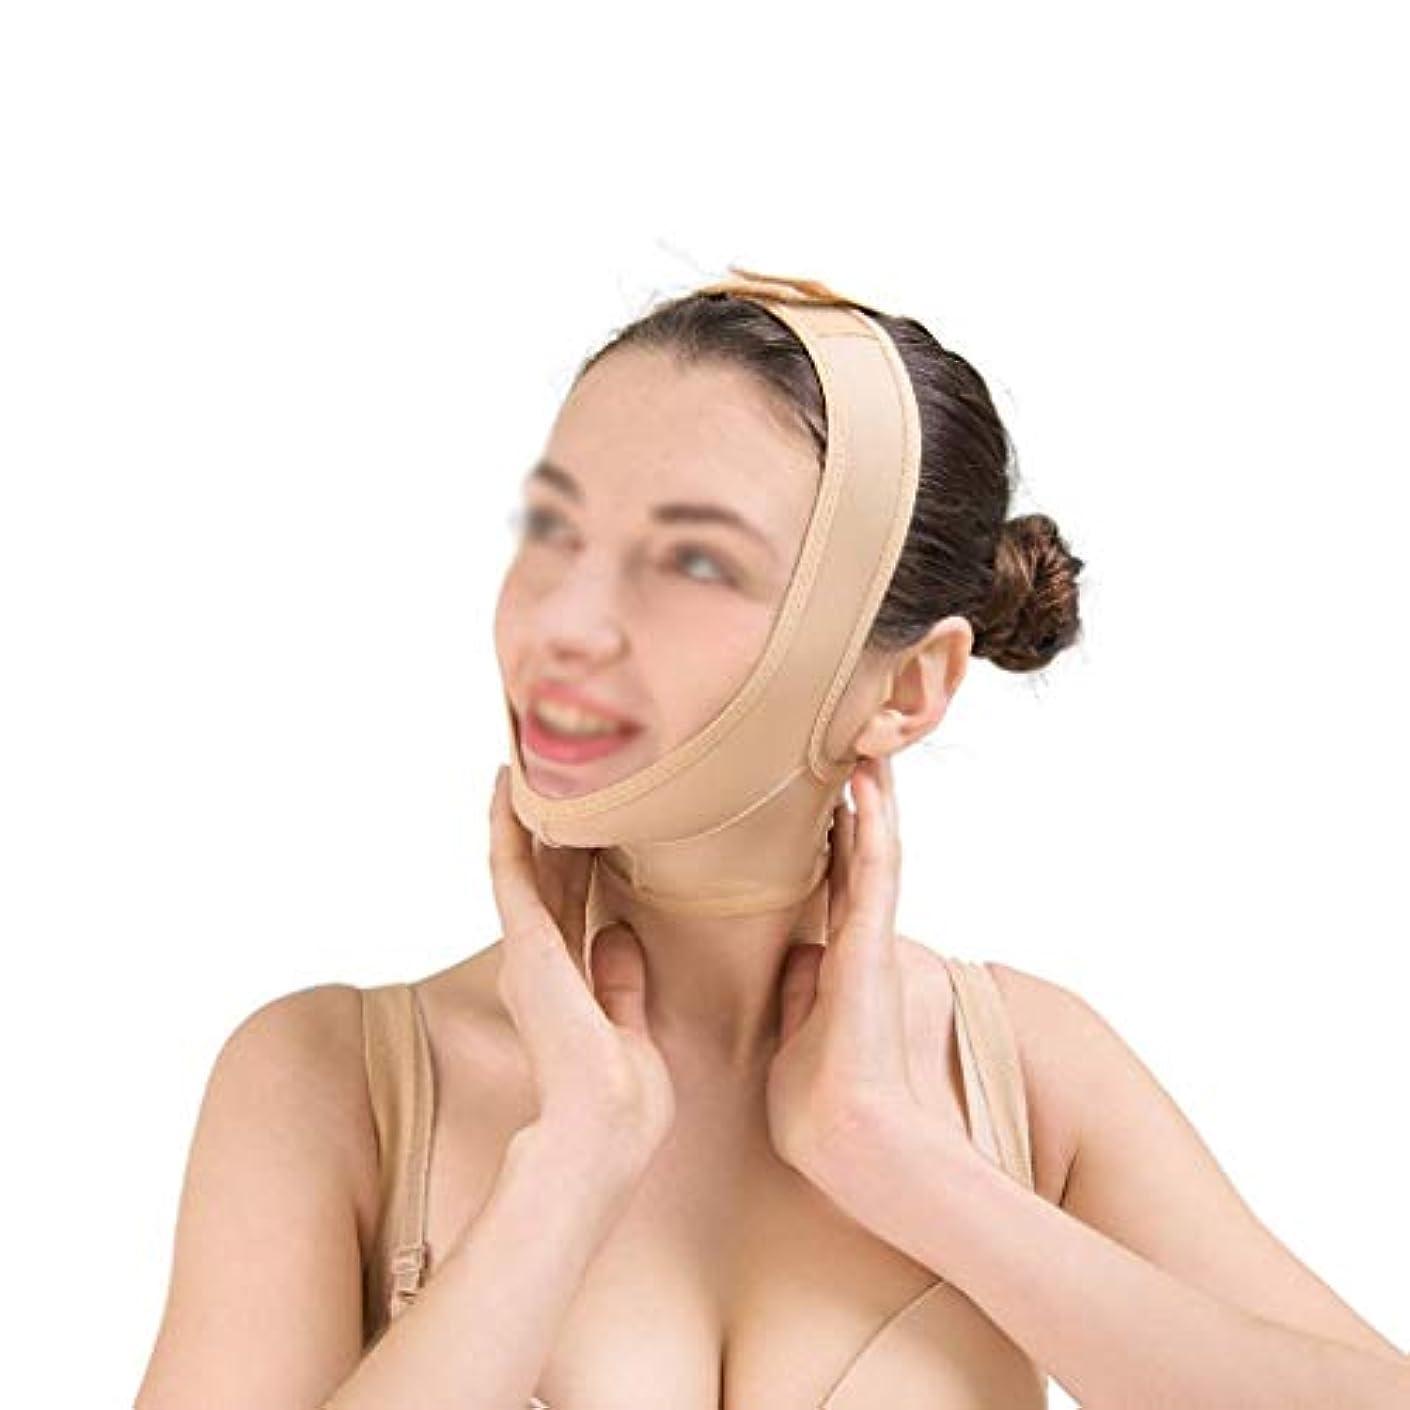 オリエンタル放出機械ダブルチンストラップ、包帯の持ち上げ、肌の包帯の持ち上げと引き締め フェイスマスク、快適で 顔の持ち上がるマスク(サイズ:S),S